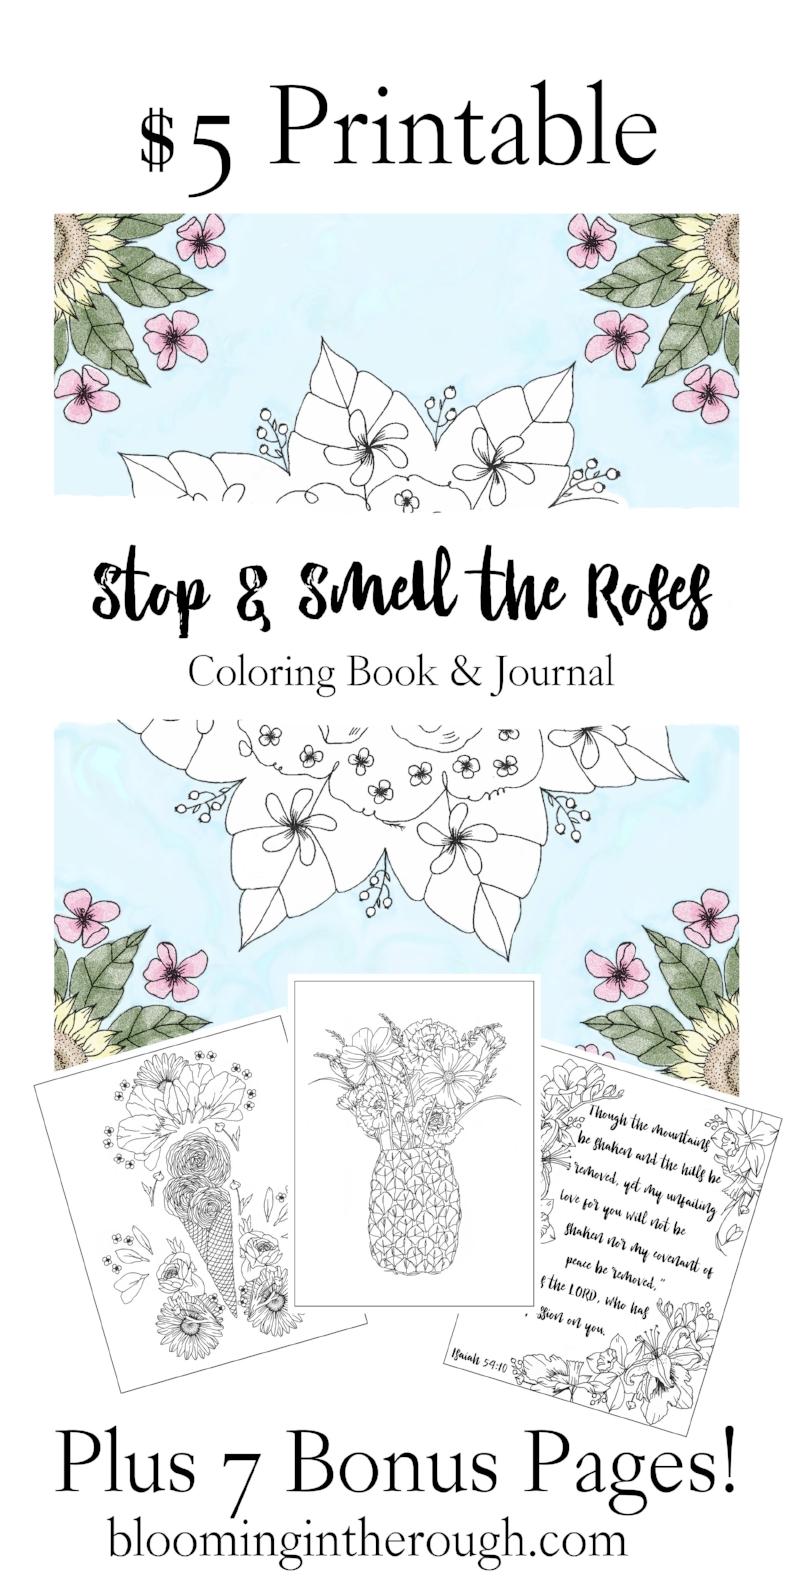 Coloring Book Cover pin.jpg